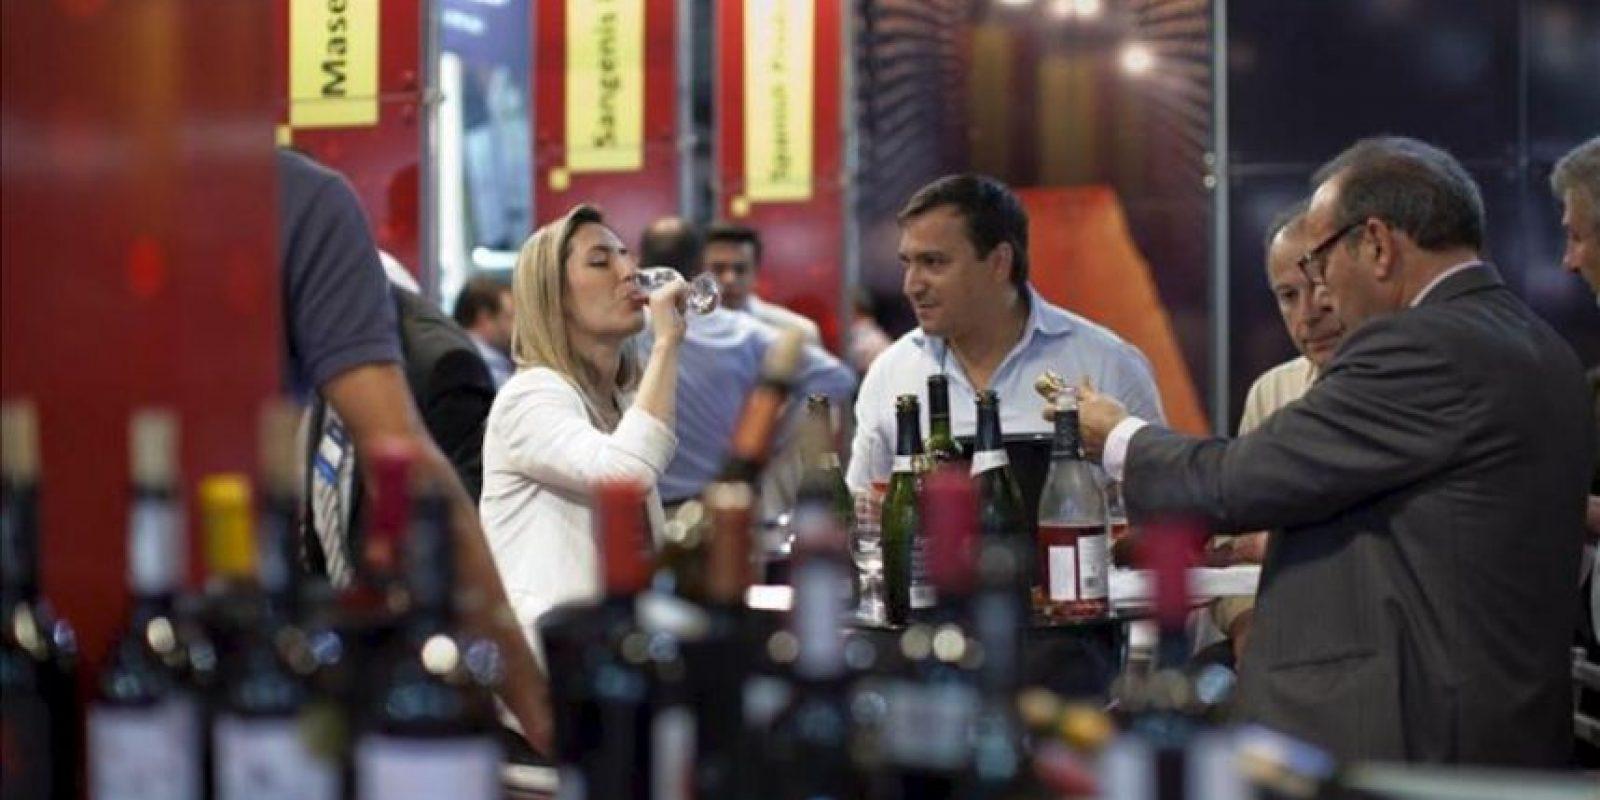 """Visitantes prueban un vino durante la """"ExpoVinis Brasil"""", feria internacional de vinos que se celebra en Sao Paulo (Brasil). EFE"""